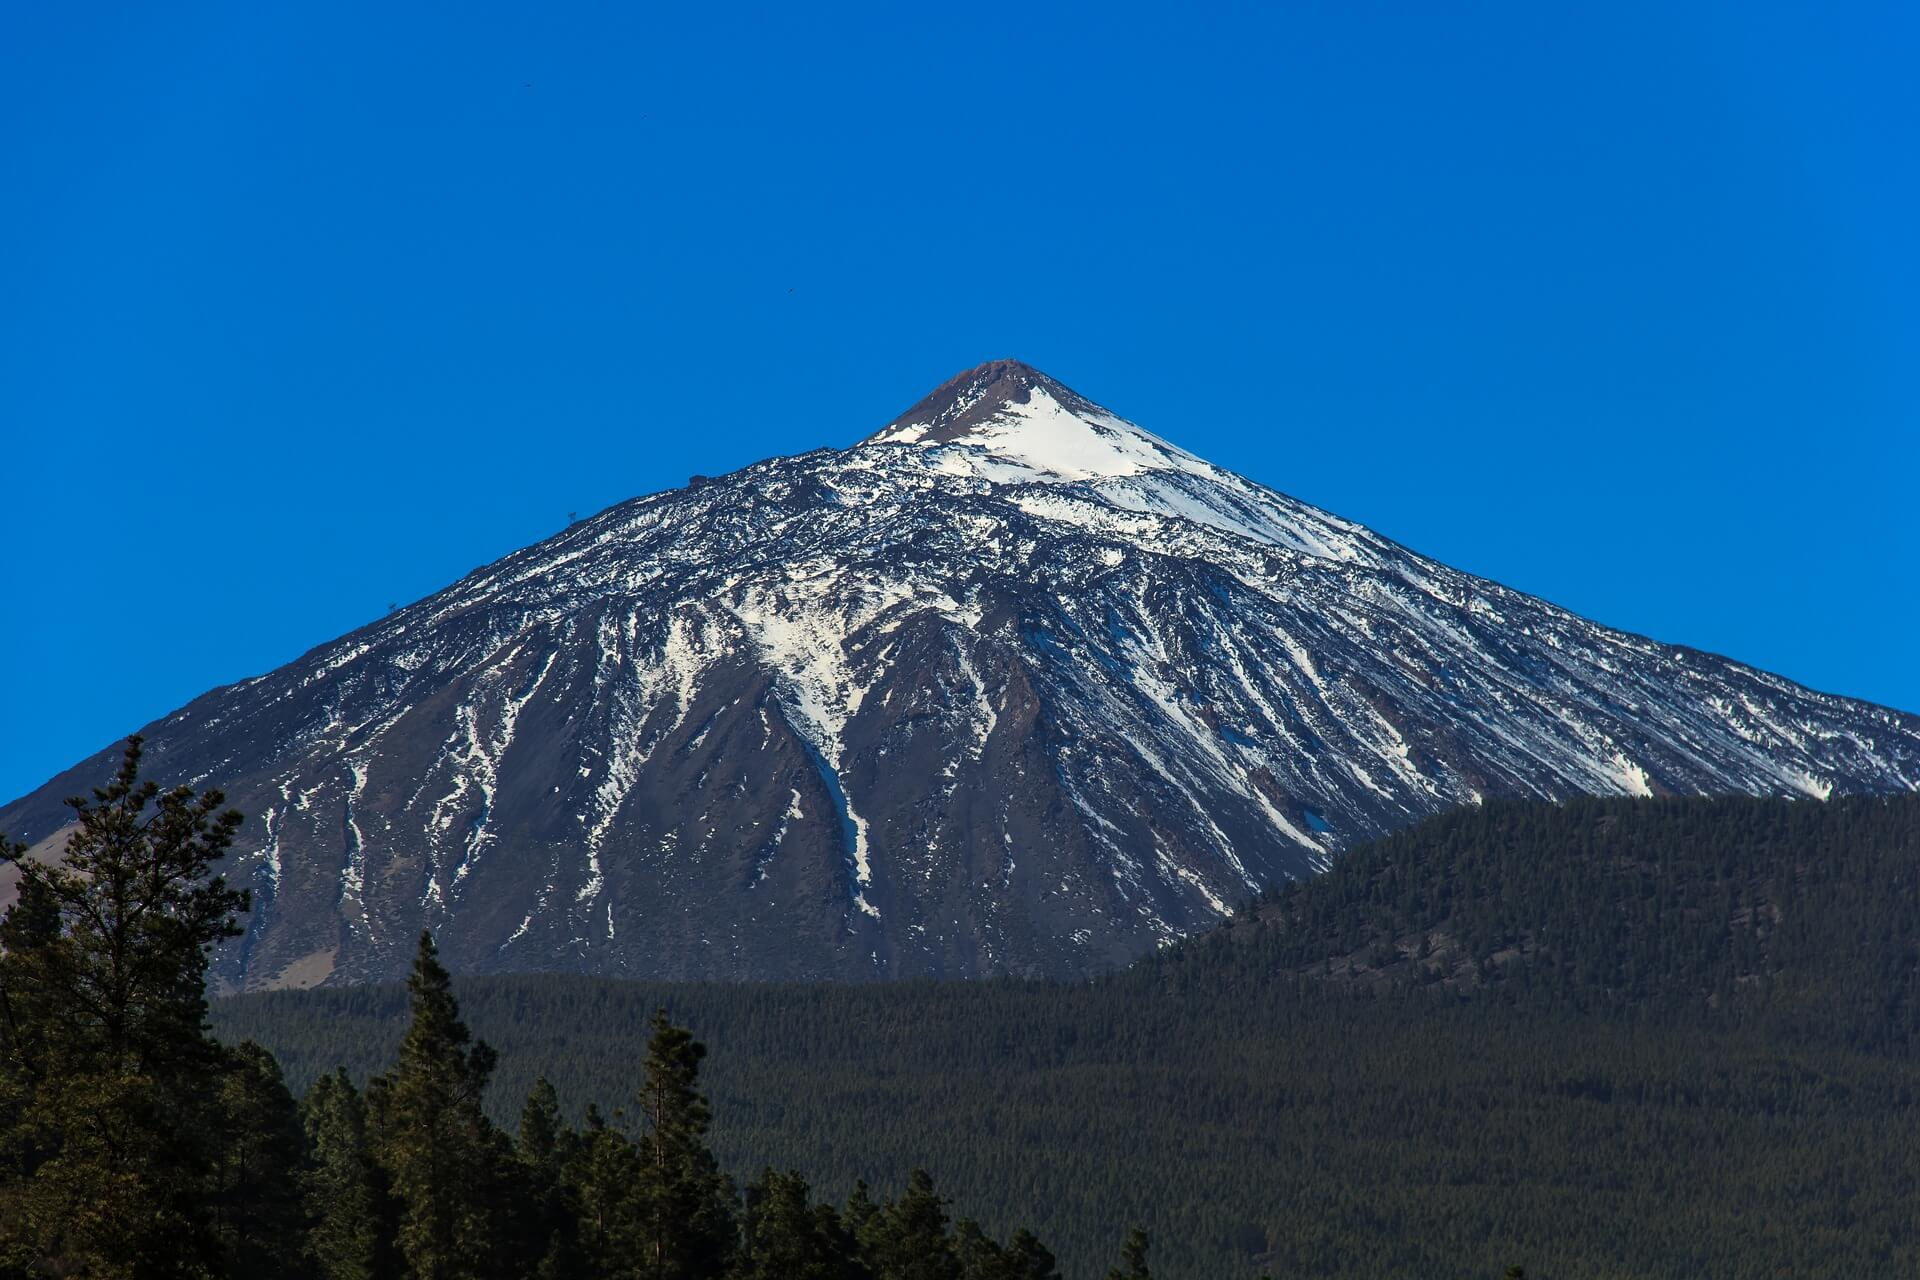 ¿Cómo subir el pico del Teide en teleférico? - Viajeros por el Mundo